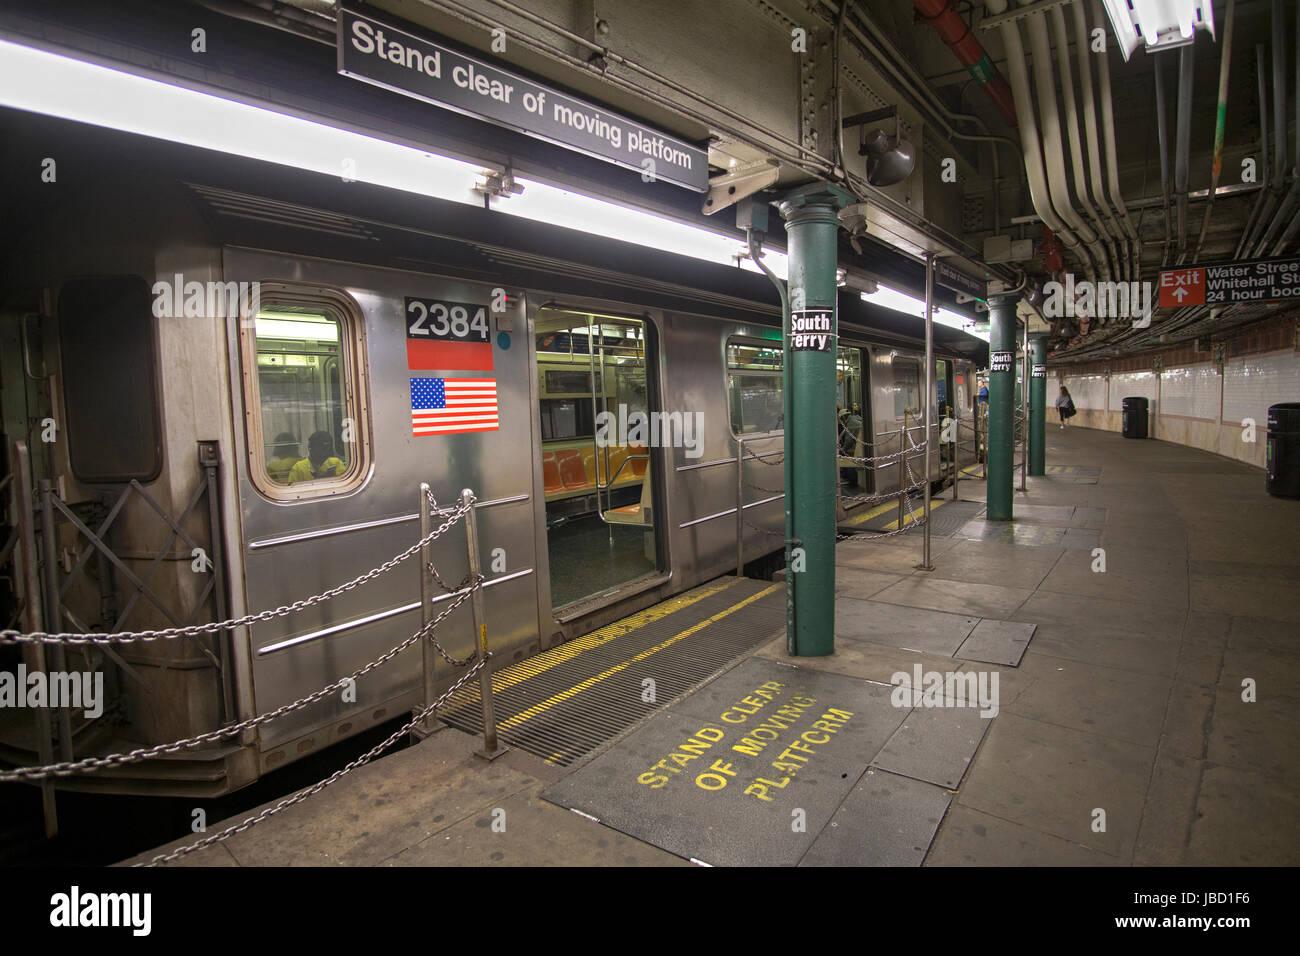 Eine u-Bahn-Züge an der South Ferry Station, die die letzte Station auf der IRT Nummer 1 Zug. In Battery PArk, Stockbild